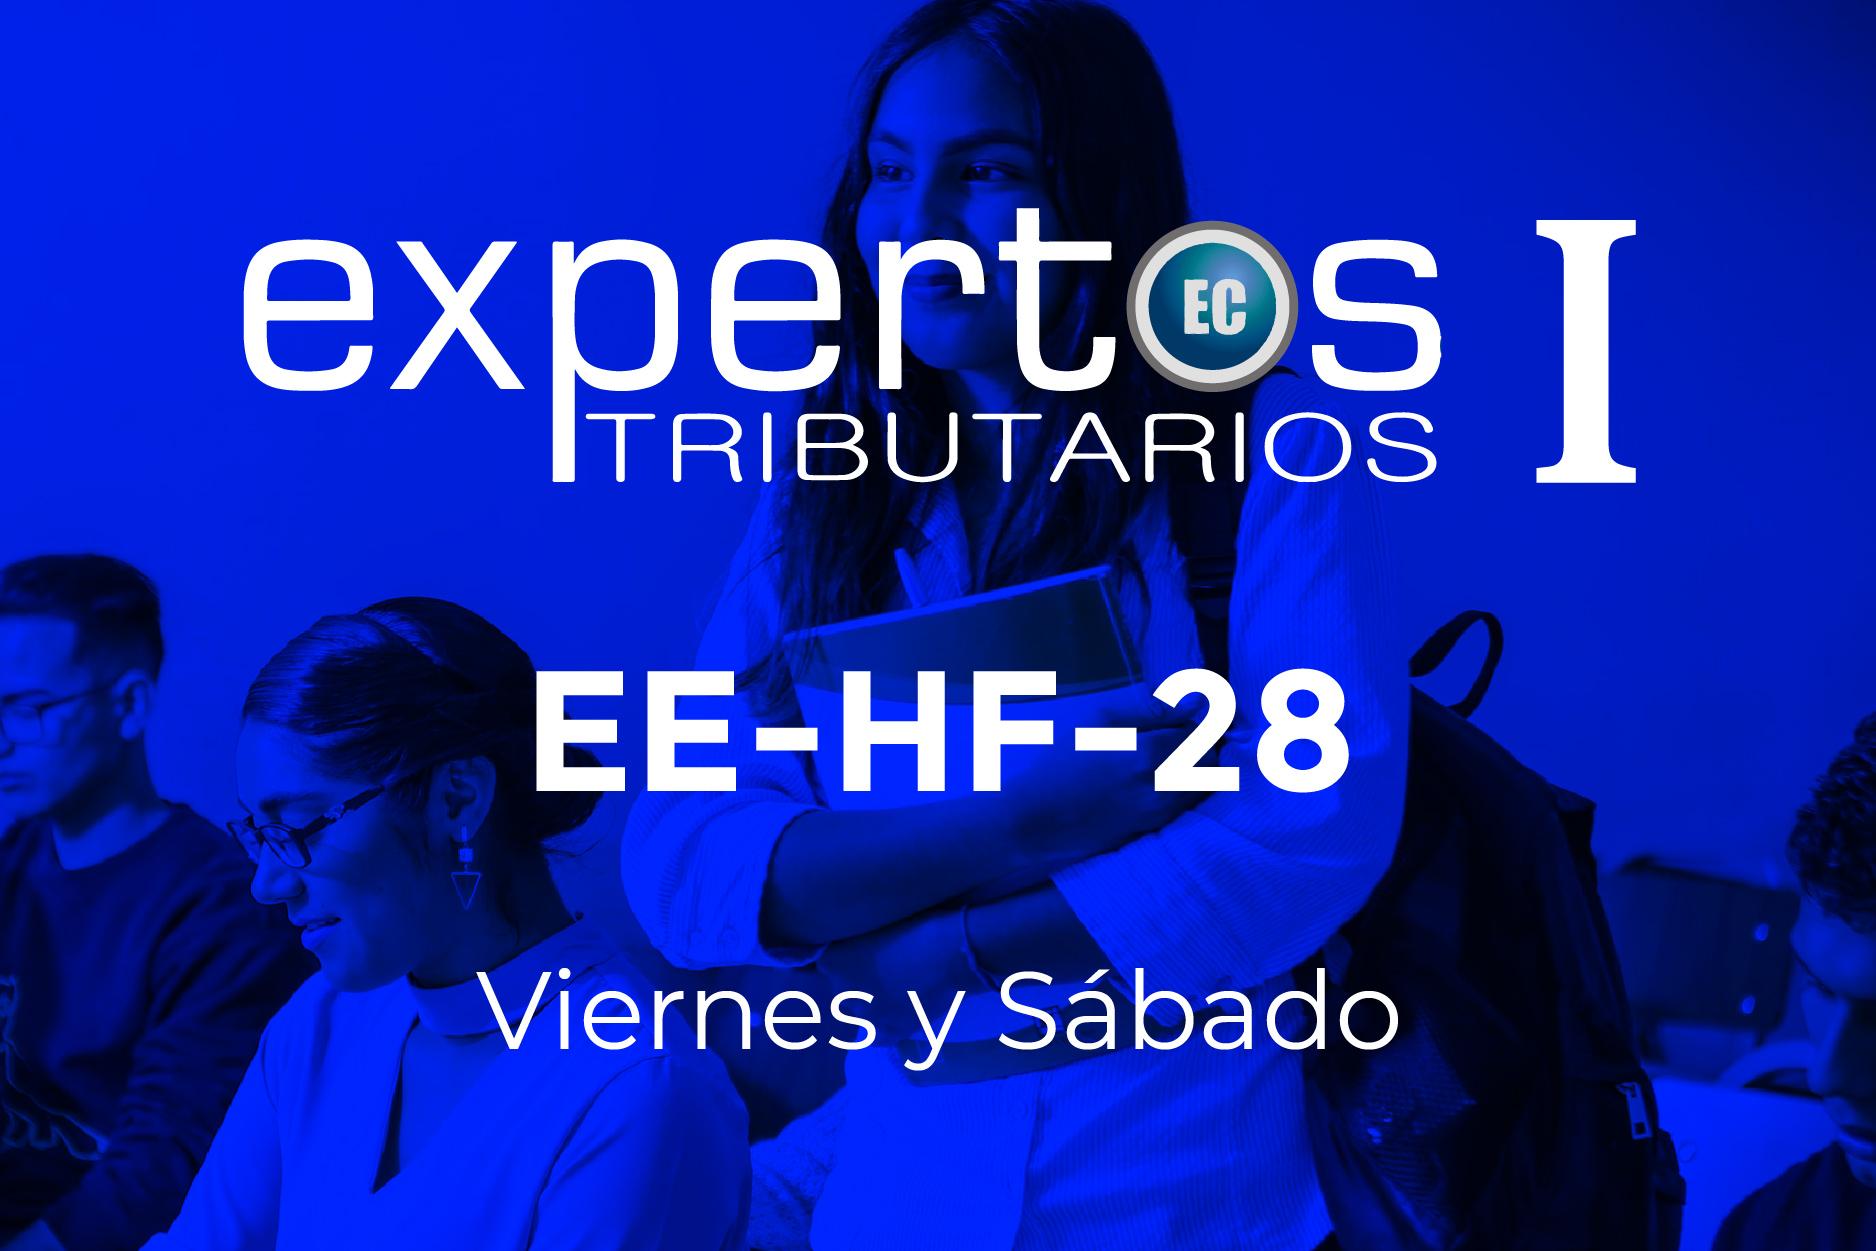 28 - EXPERTOS TRIBUTARIOS - VIERNES Y SÁBADO